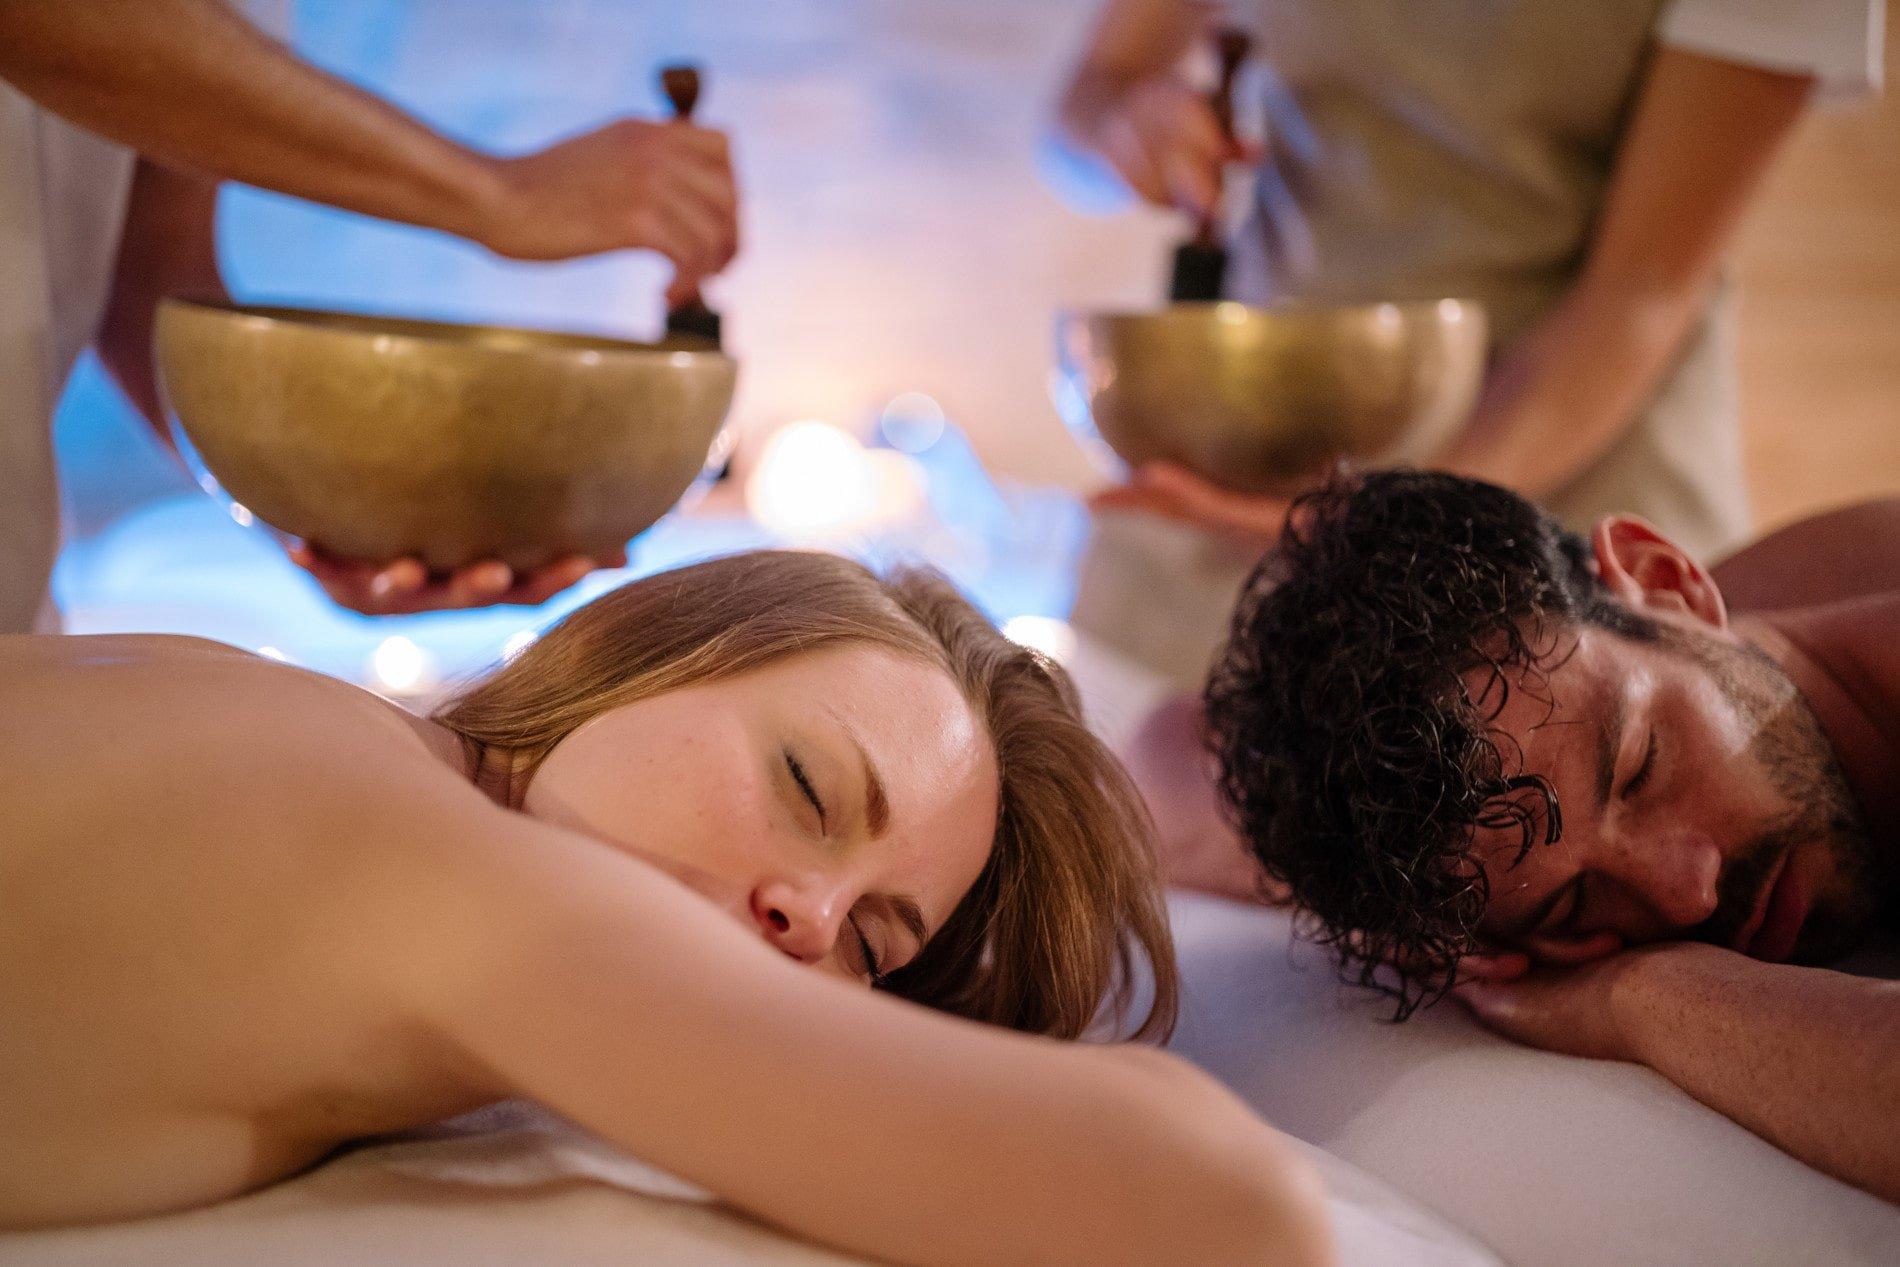 Borgobrufa SPA resort massaggi di coppia nella SPA